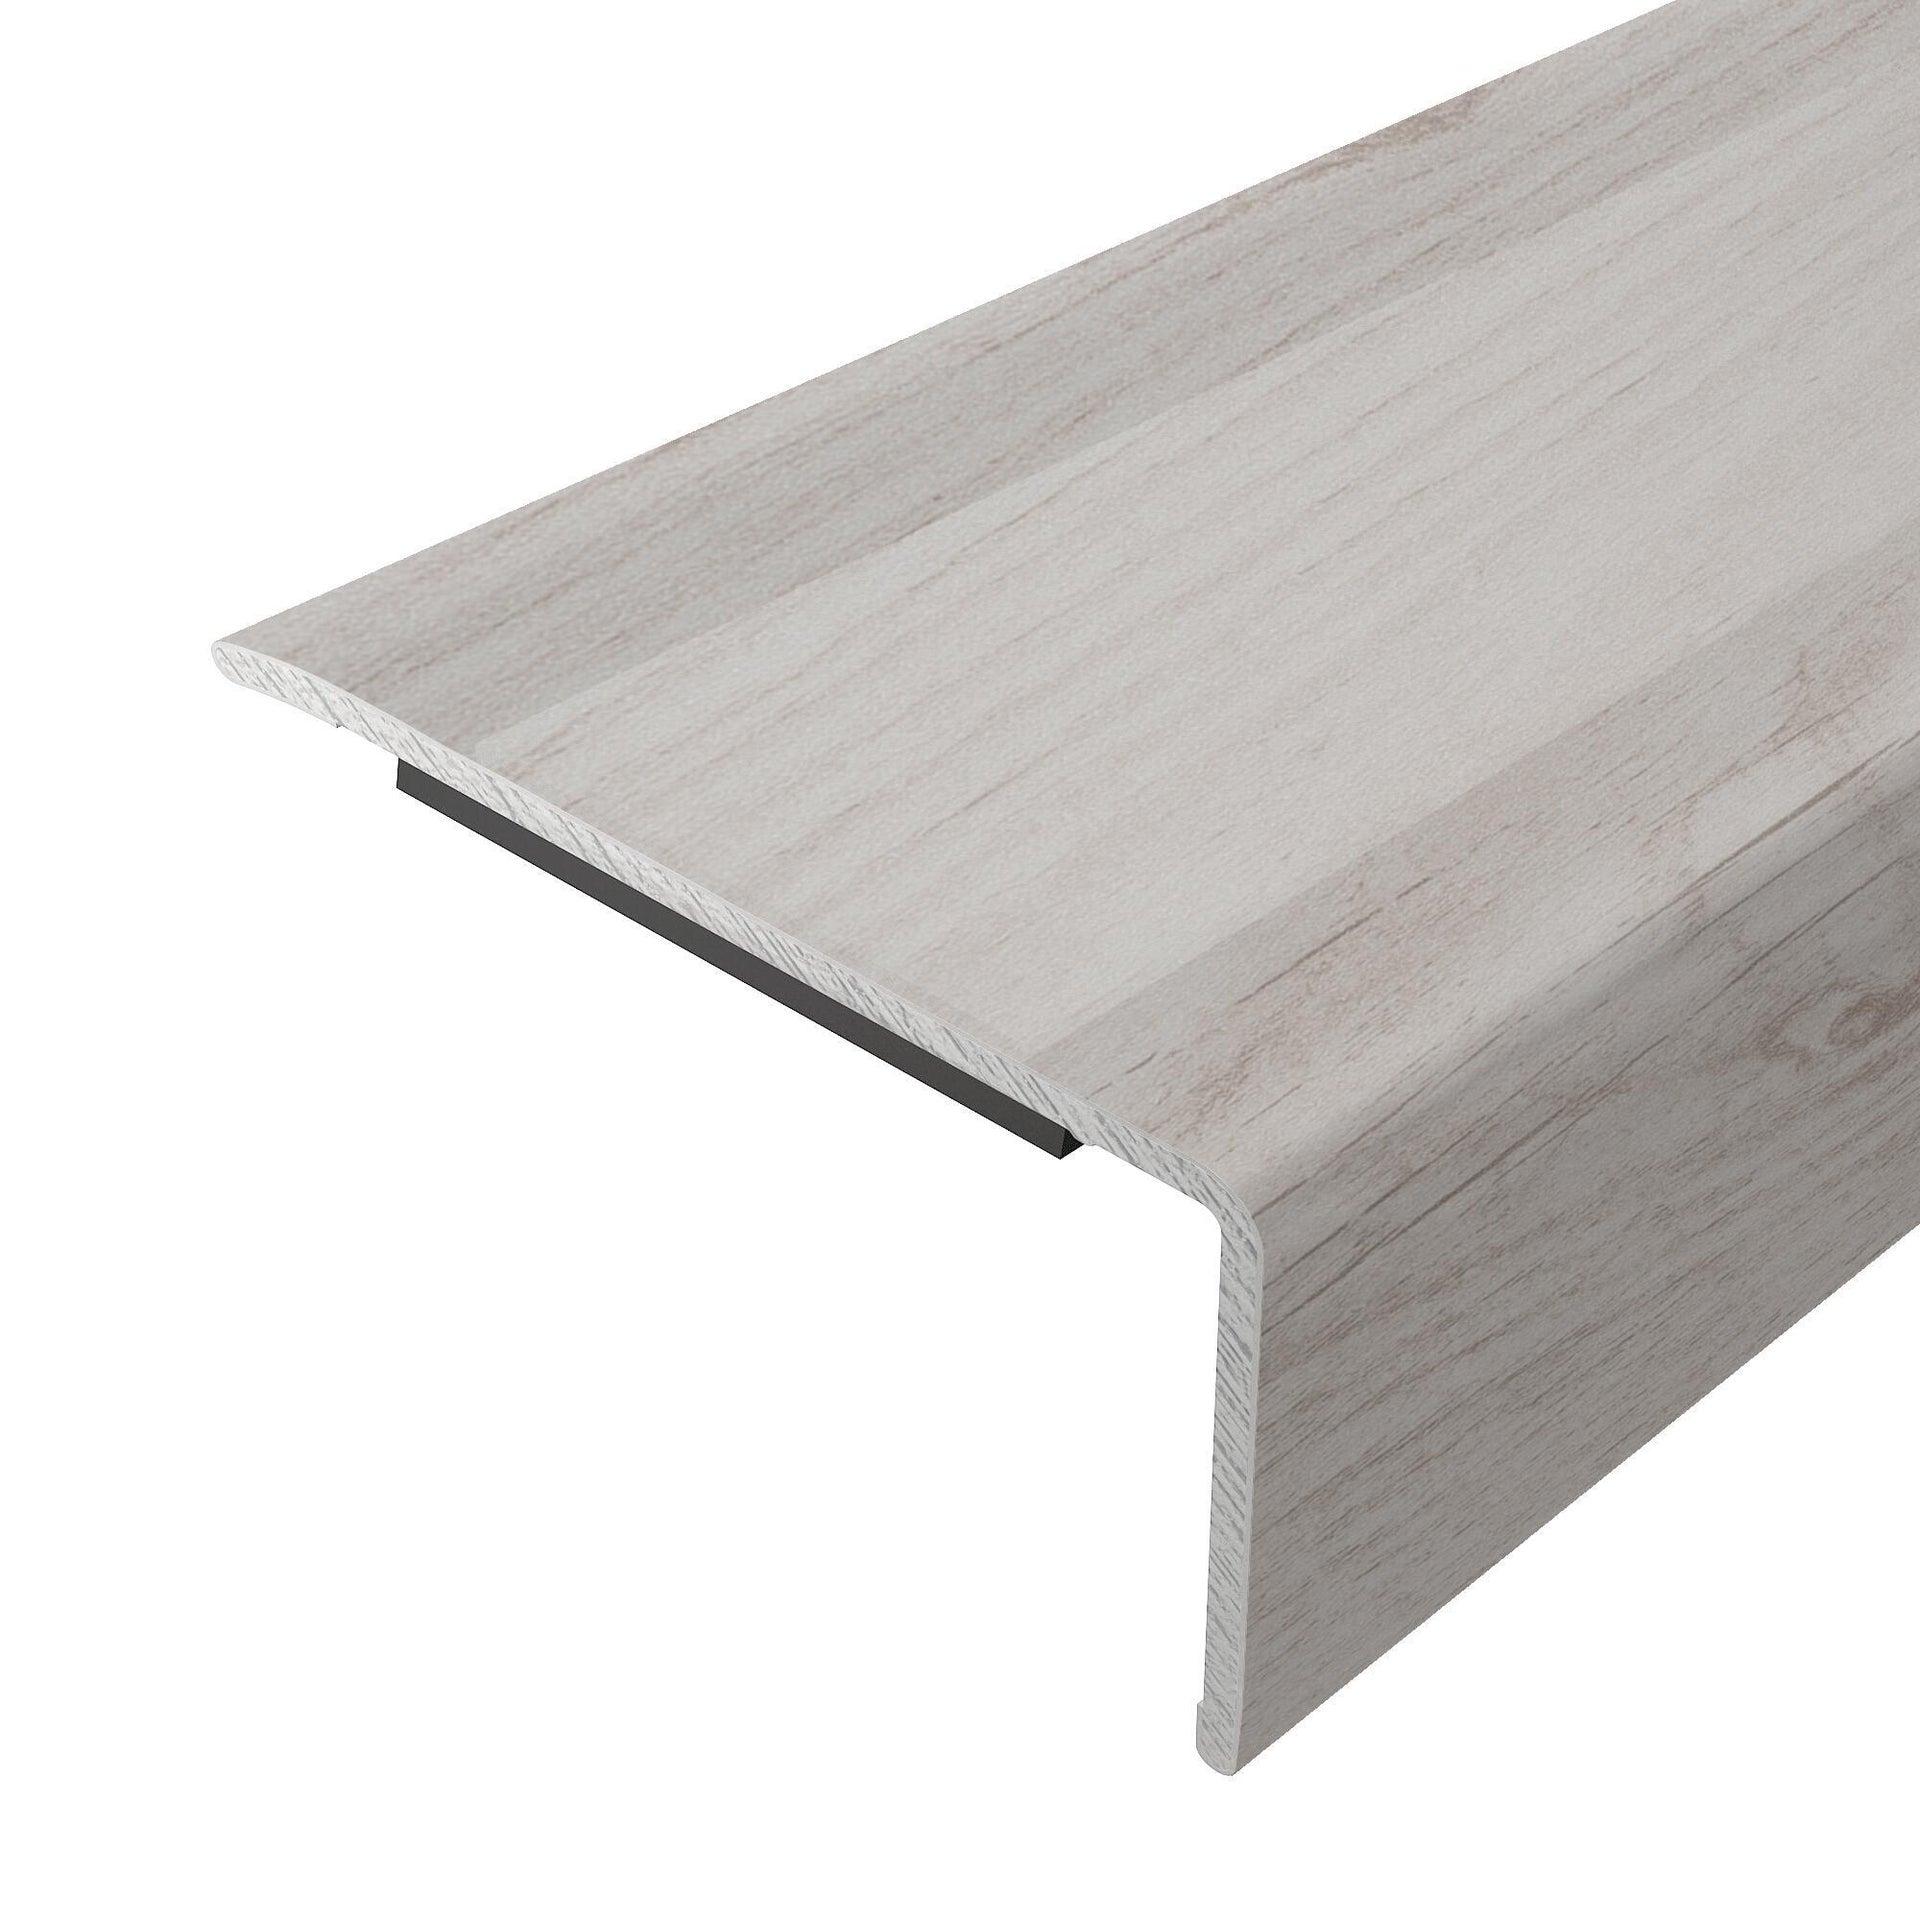 Profilo soglia simple-fix 38 36 mm x 95 cm - 7